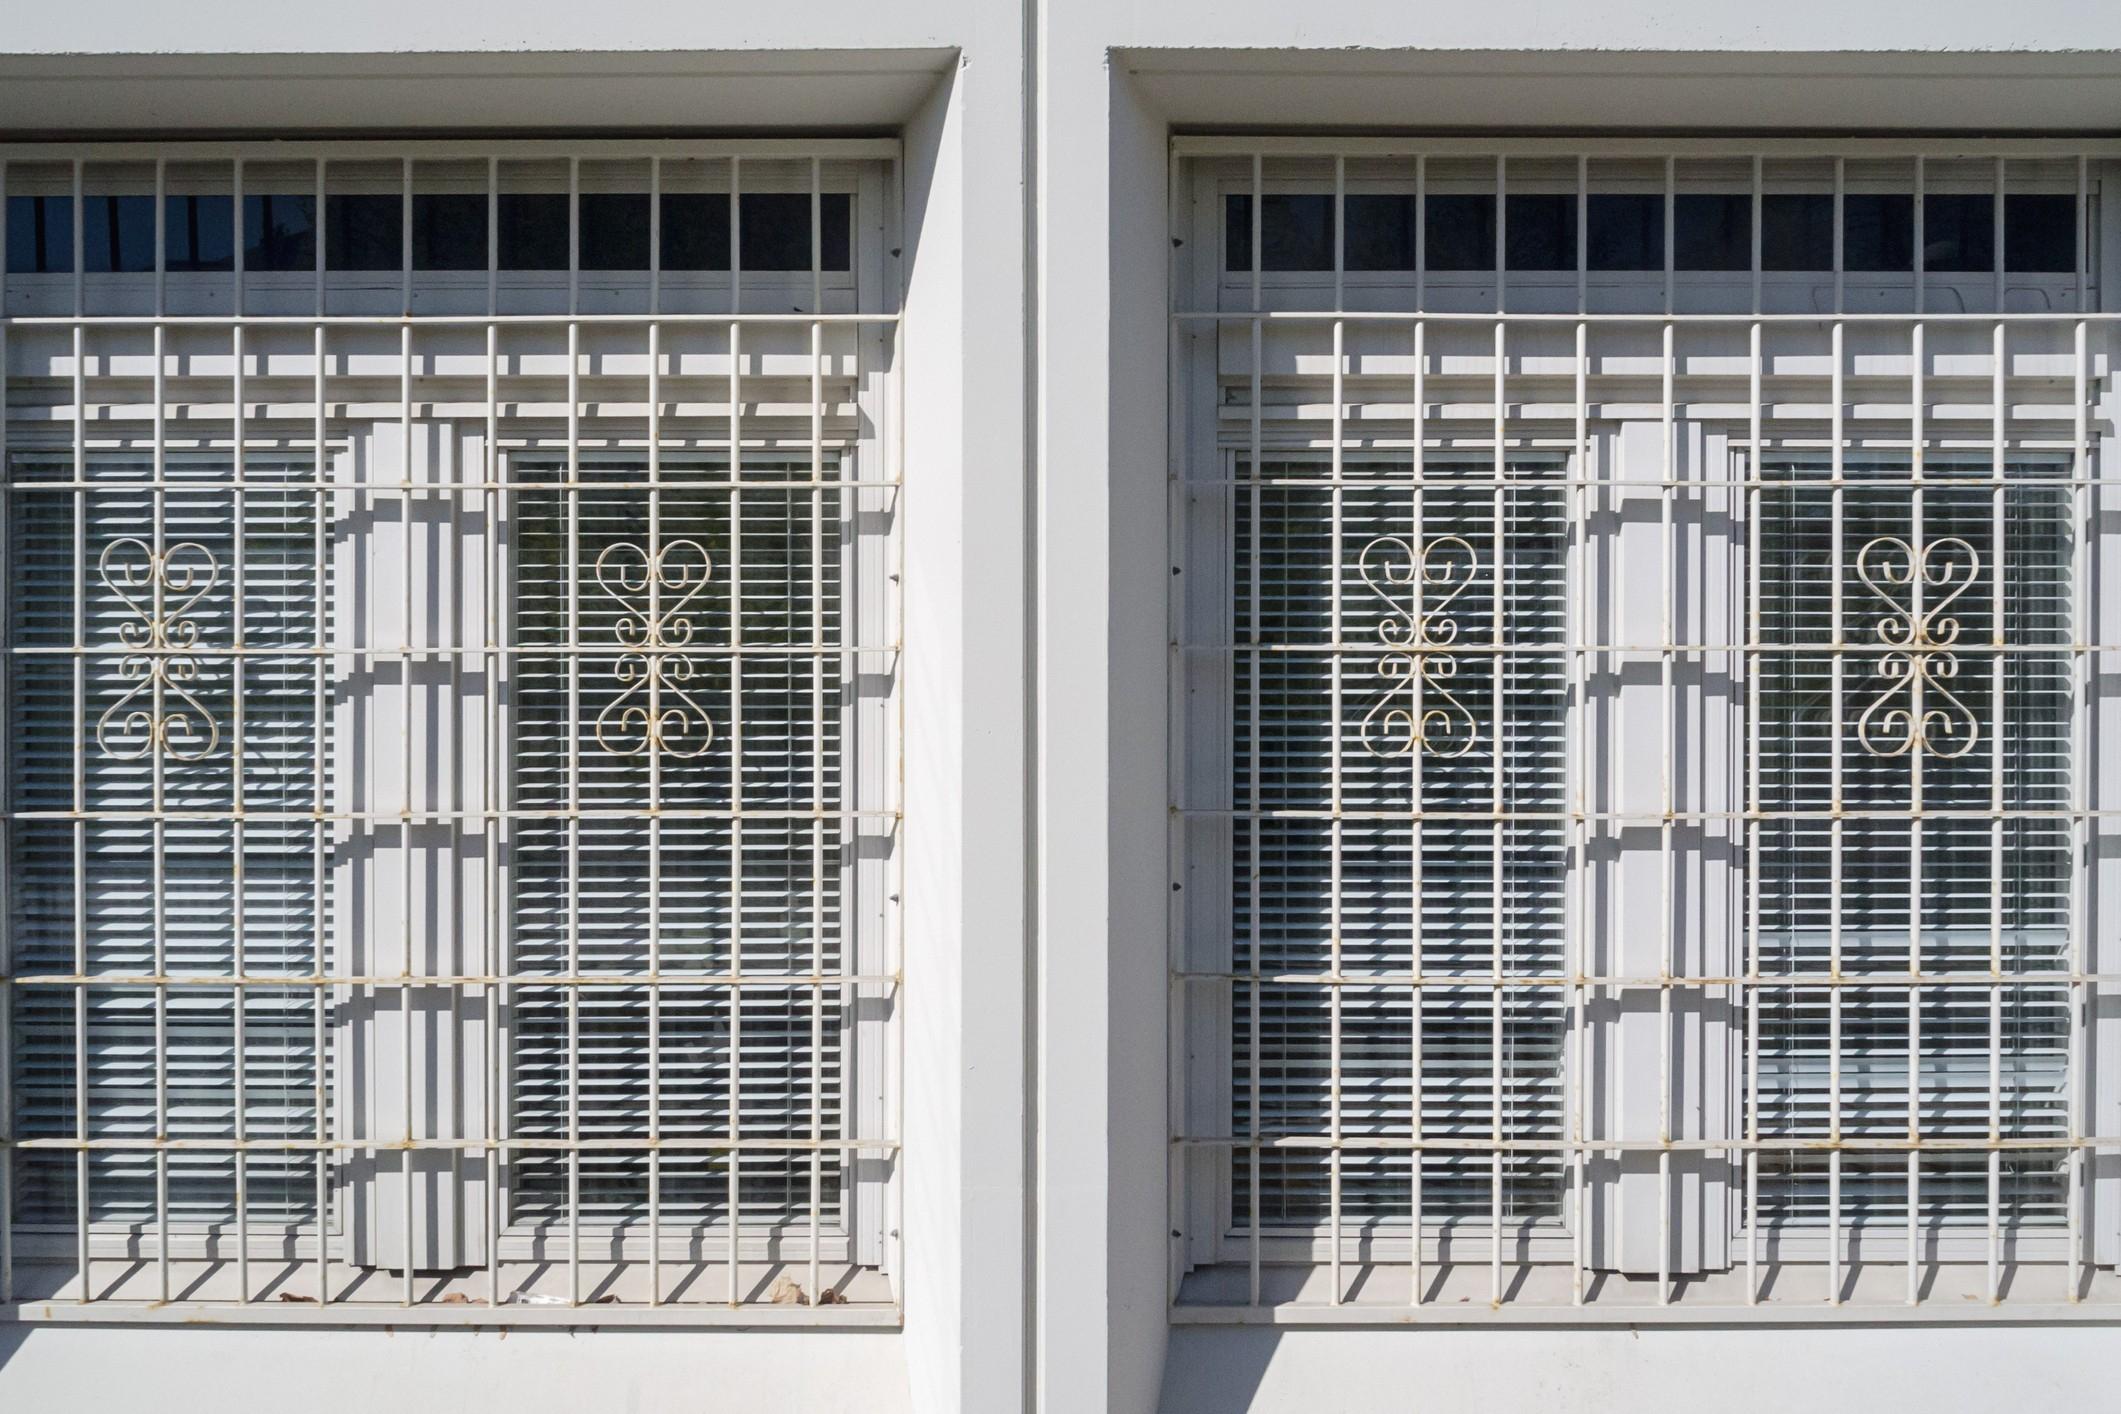 grille de defense fenetre brico depot charmant grille aeration brico depot maison design apsip avec ment